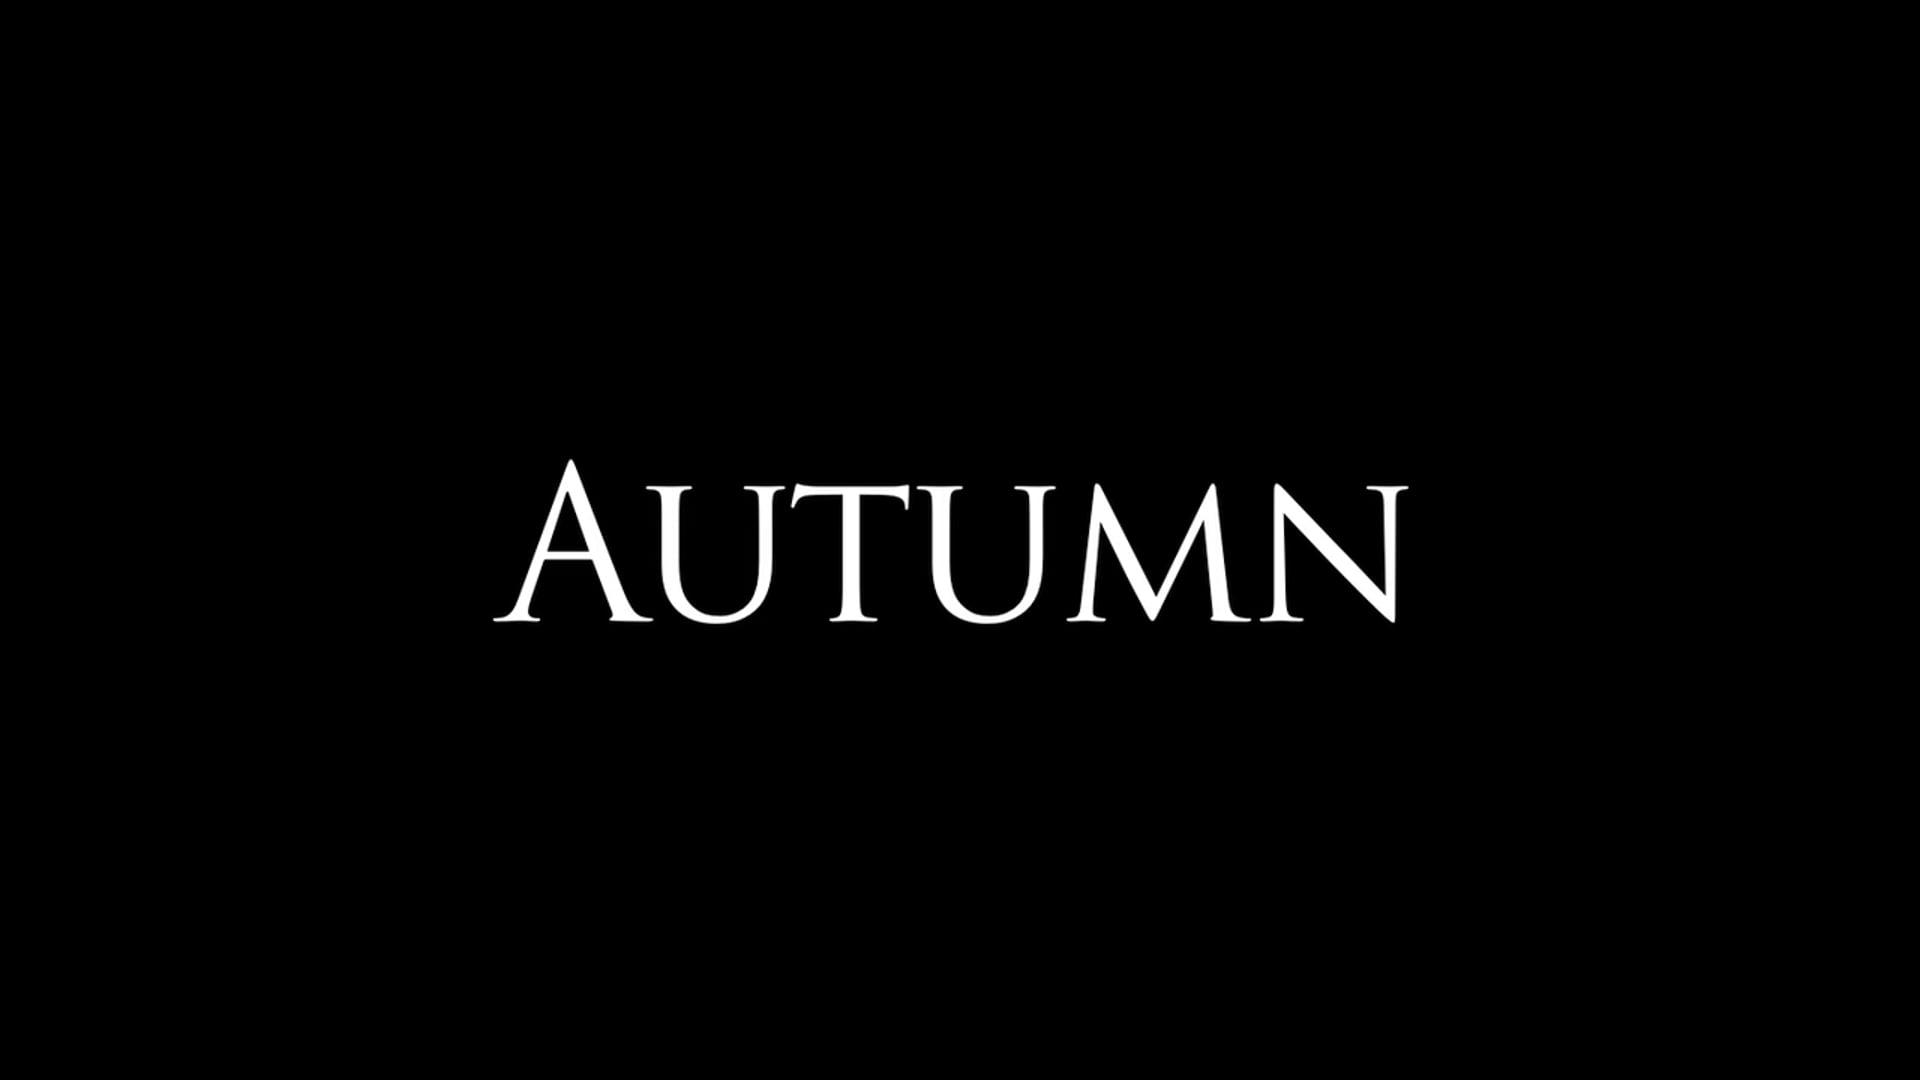 Autumn   168 Hour Short Film Project (2011)